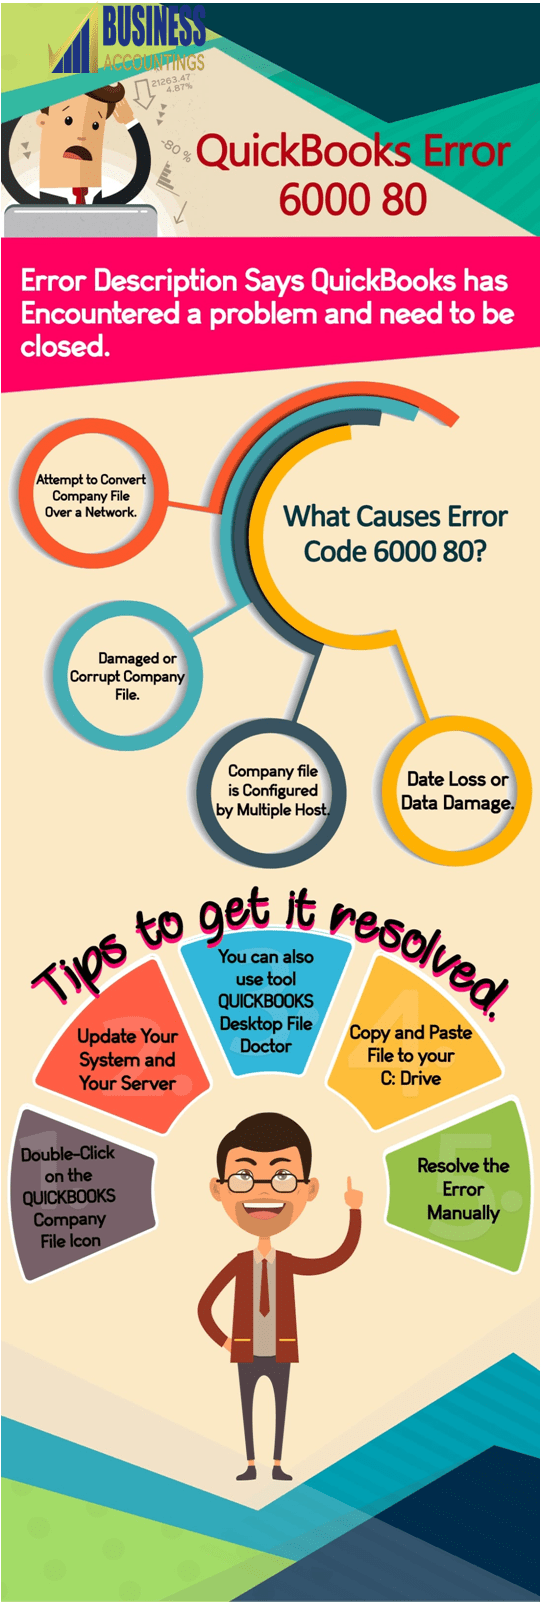 Fix QuickBooks Error 6000 80